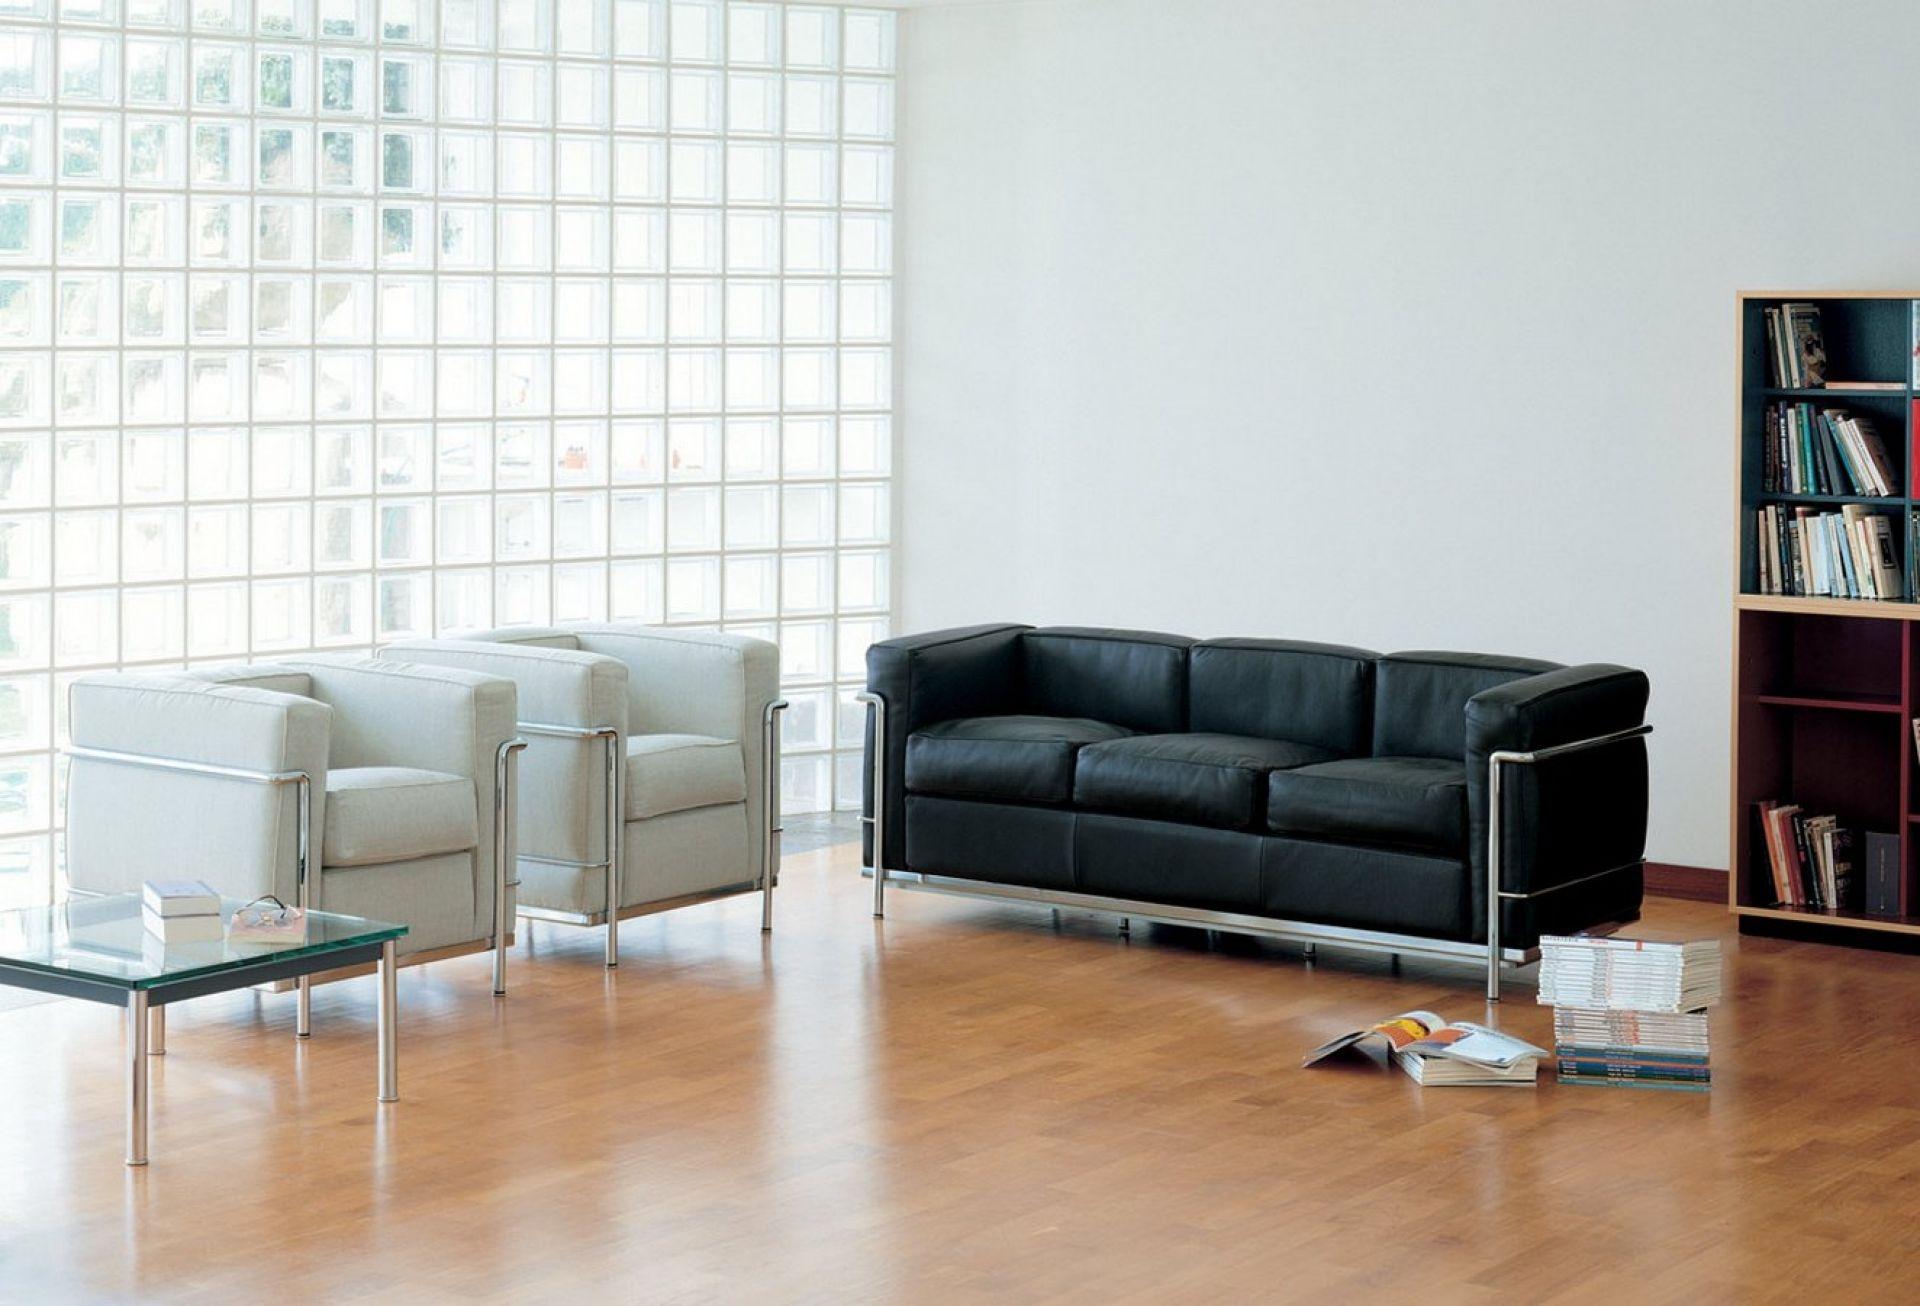 cassina-lc2-sofa-von-le-corbusier-pierre-jeanneret